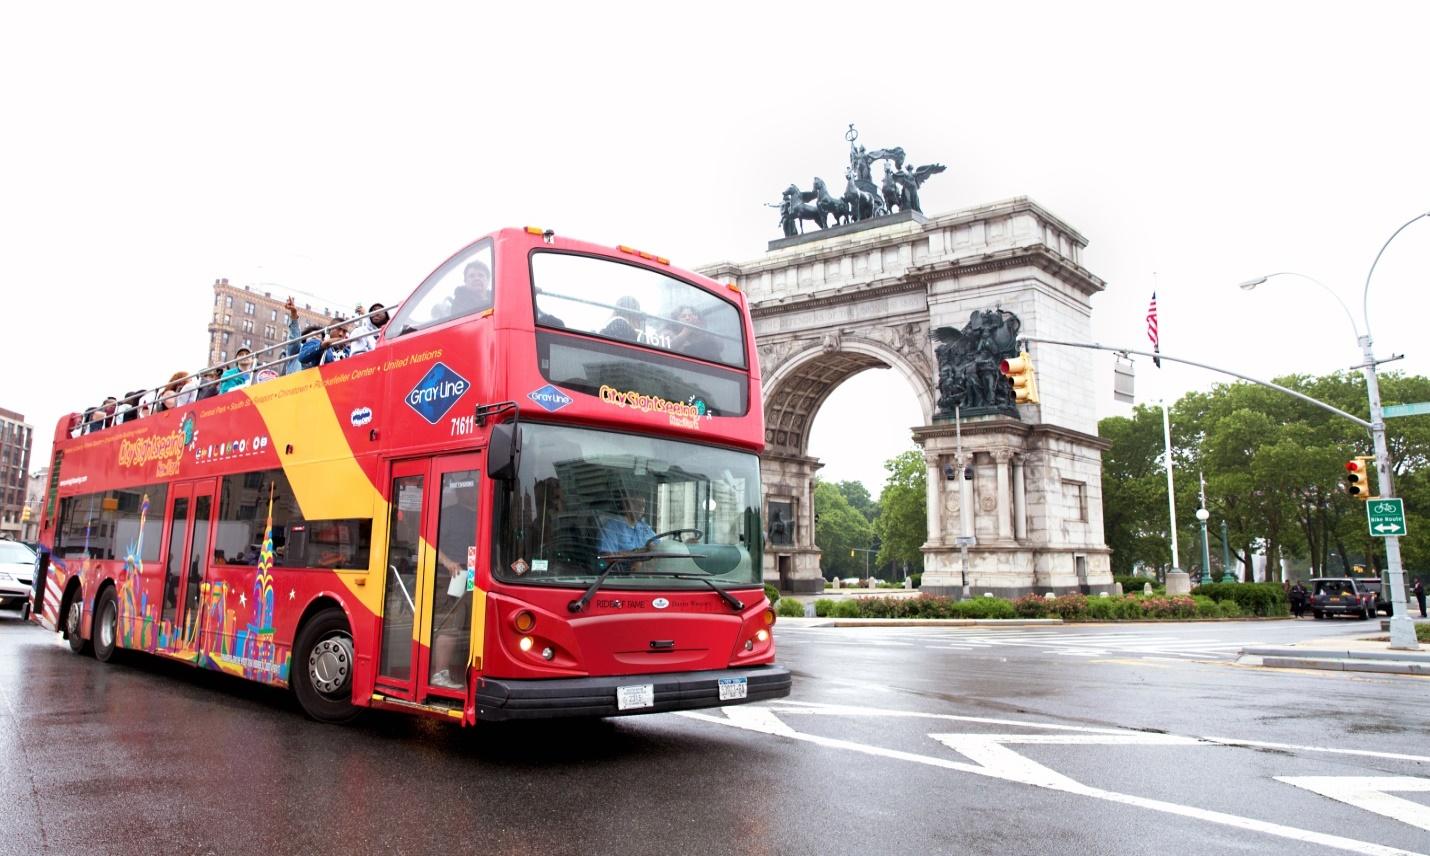 אוטובוס התיירים בניו יורק